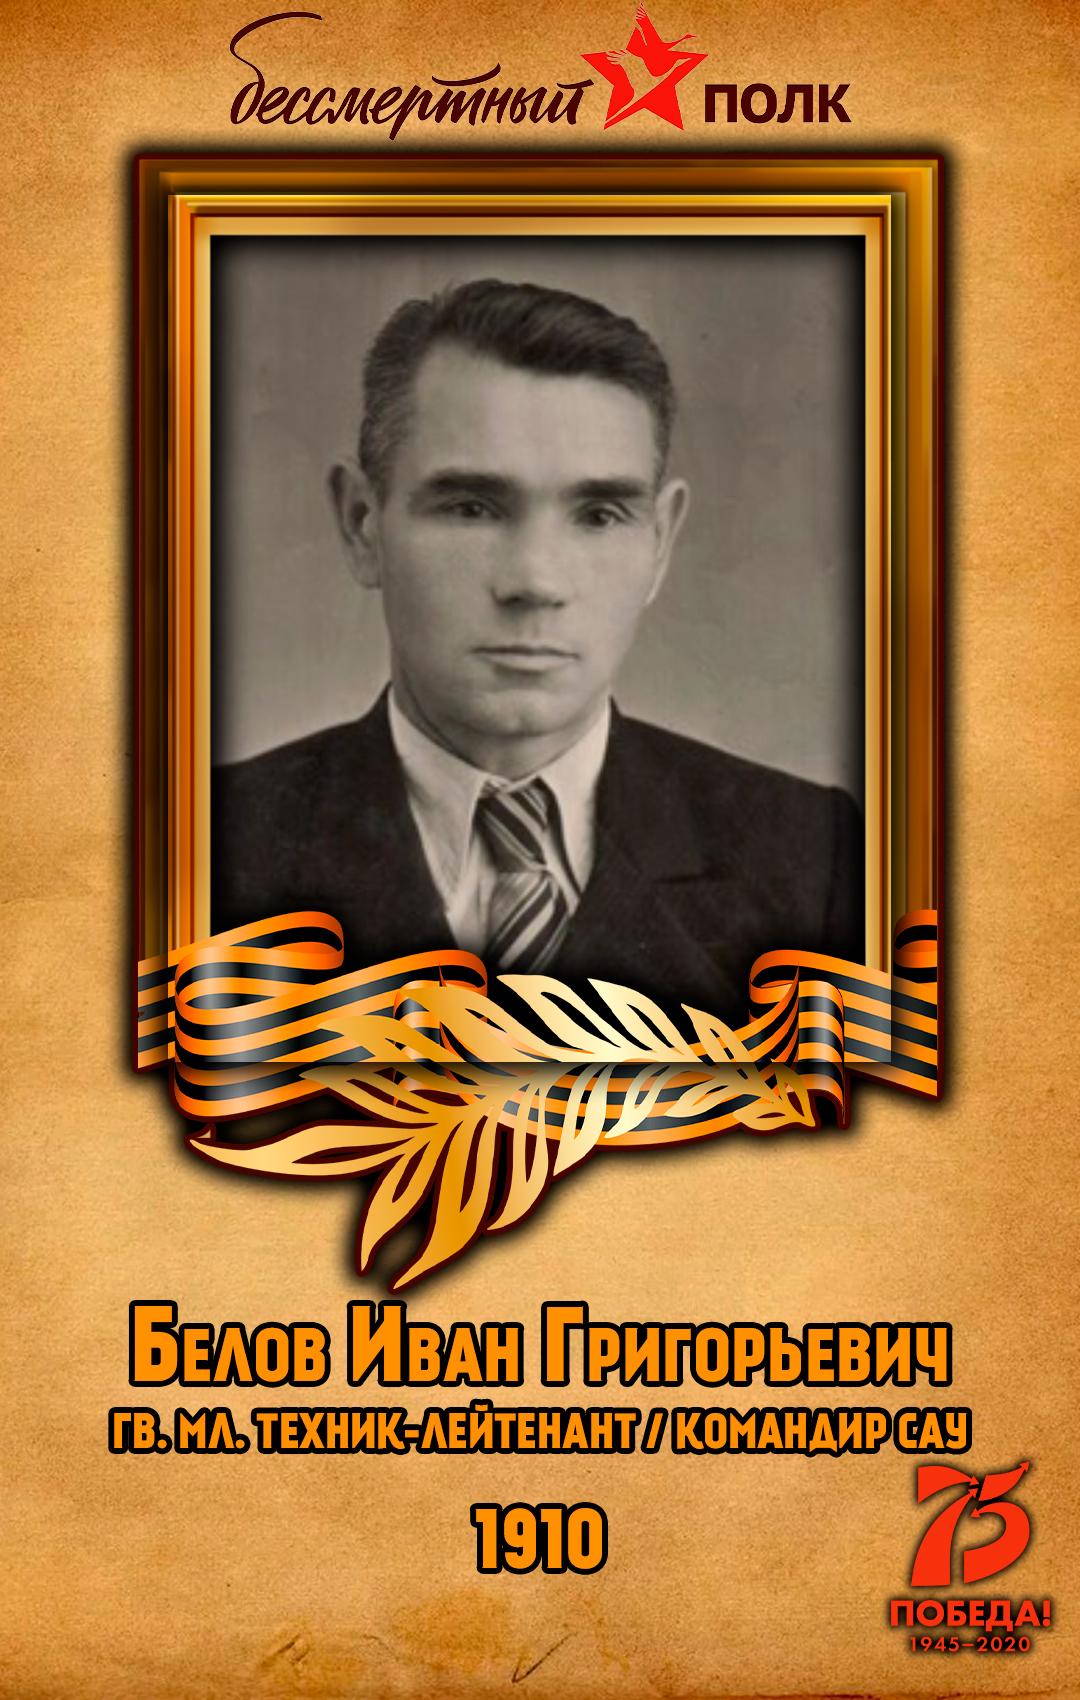 Белов-Иван-Григорьевич